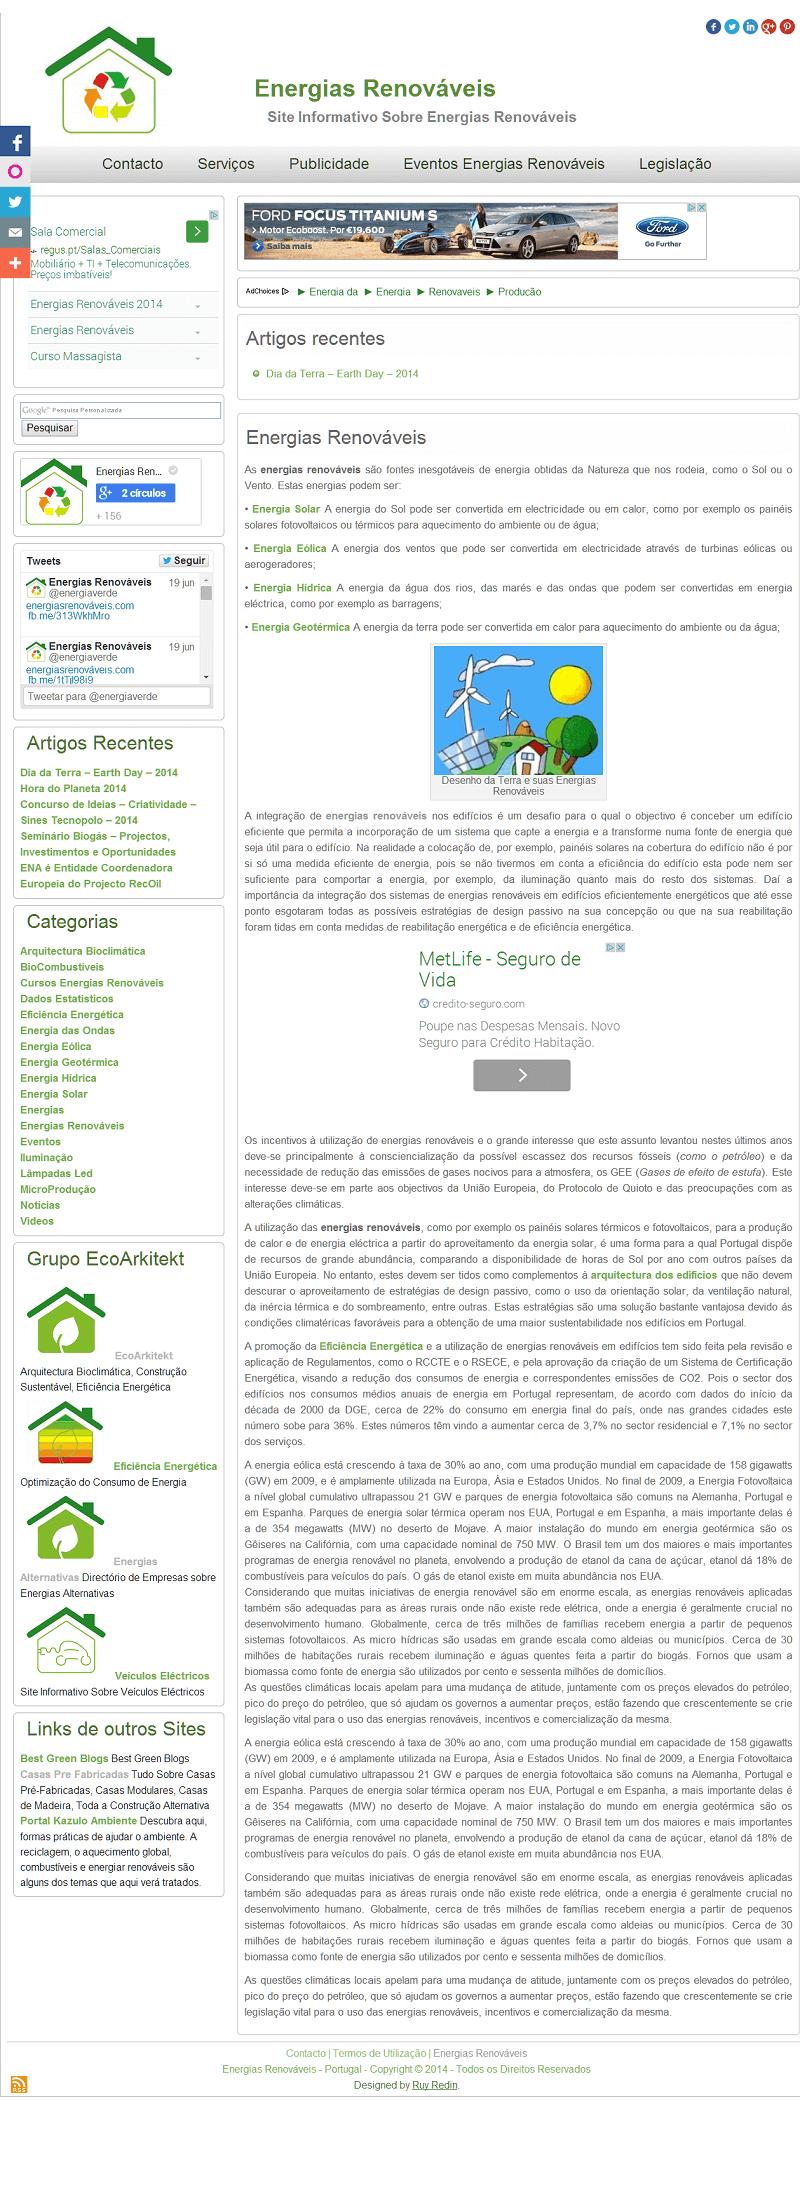 Site sobre Energias Renováveis